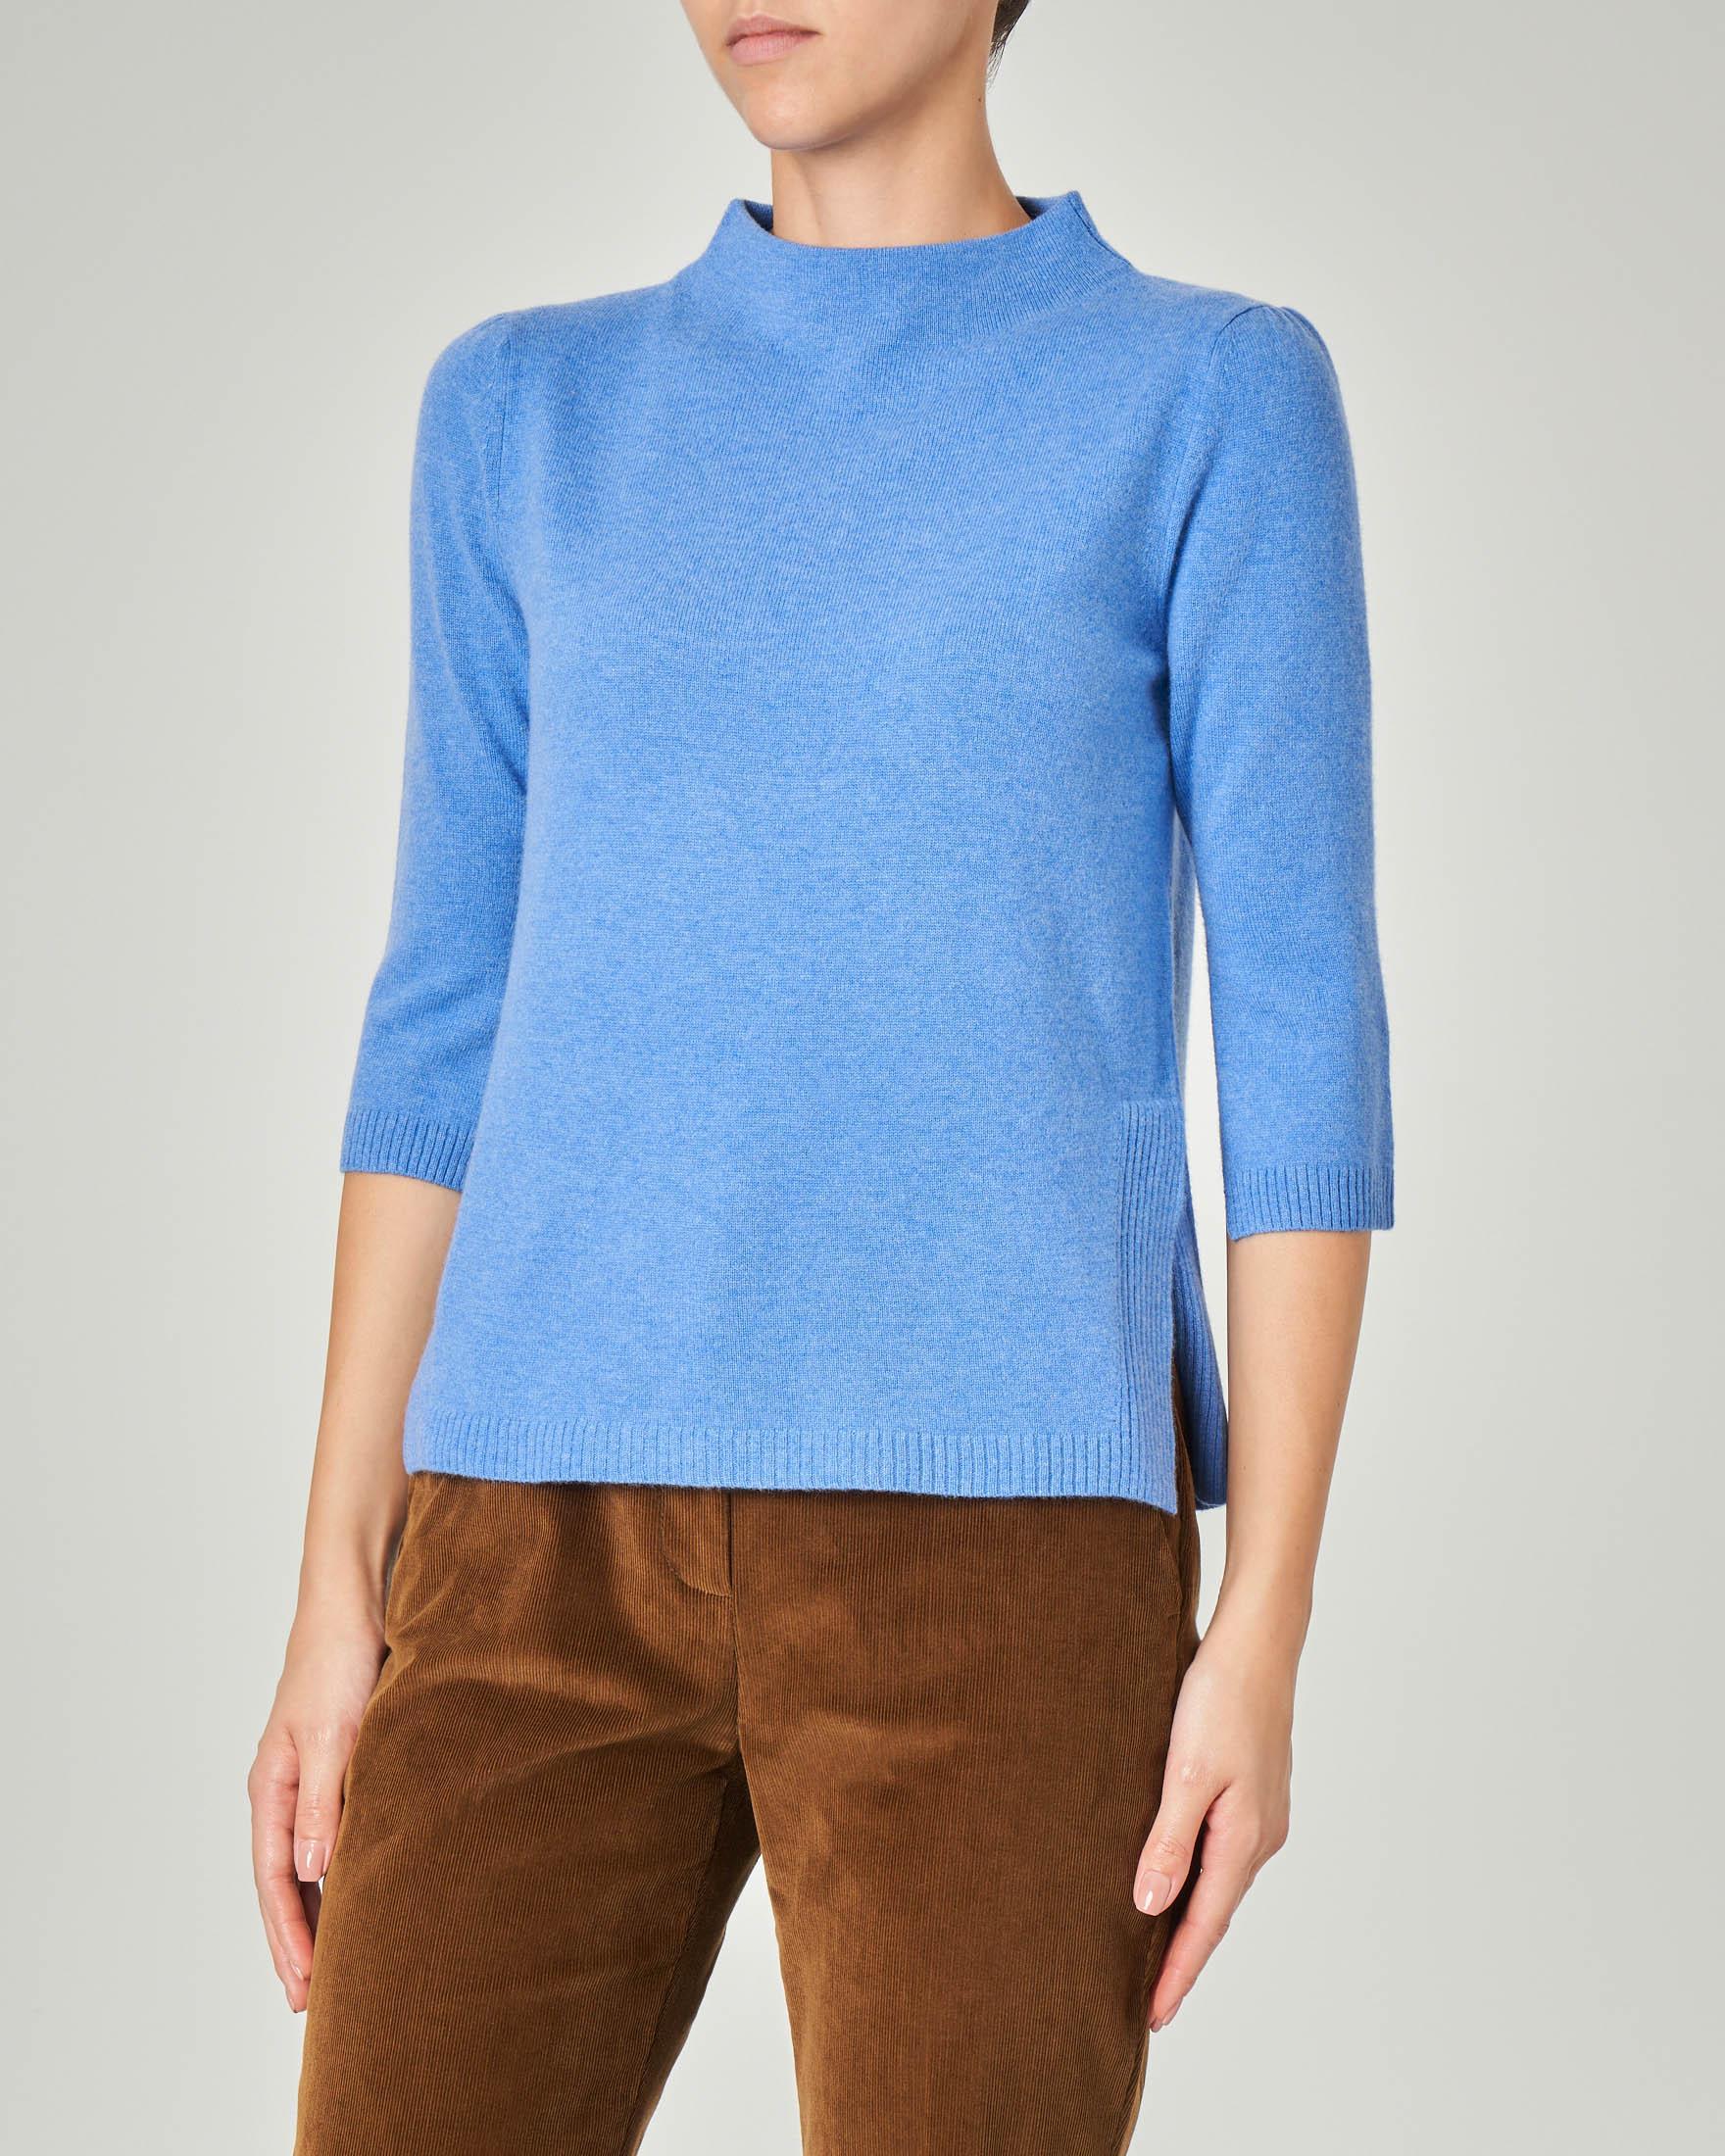 Maglia bluette in lana misto cashmere con collo alto e maniche tre quarti